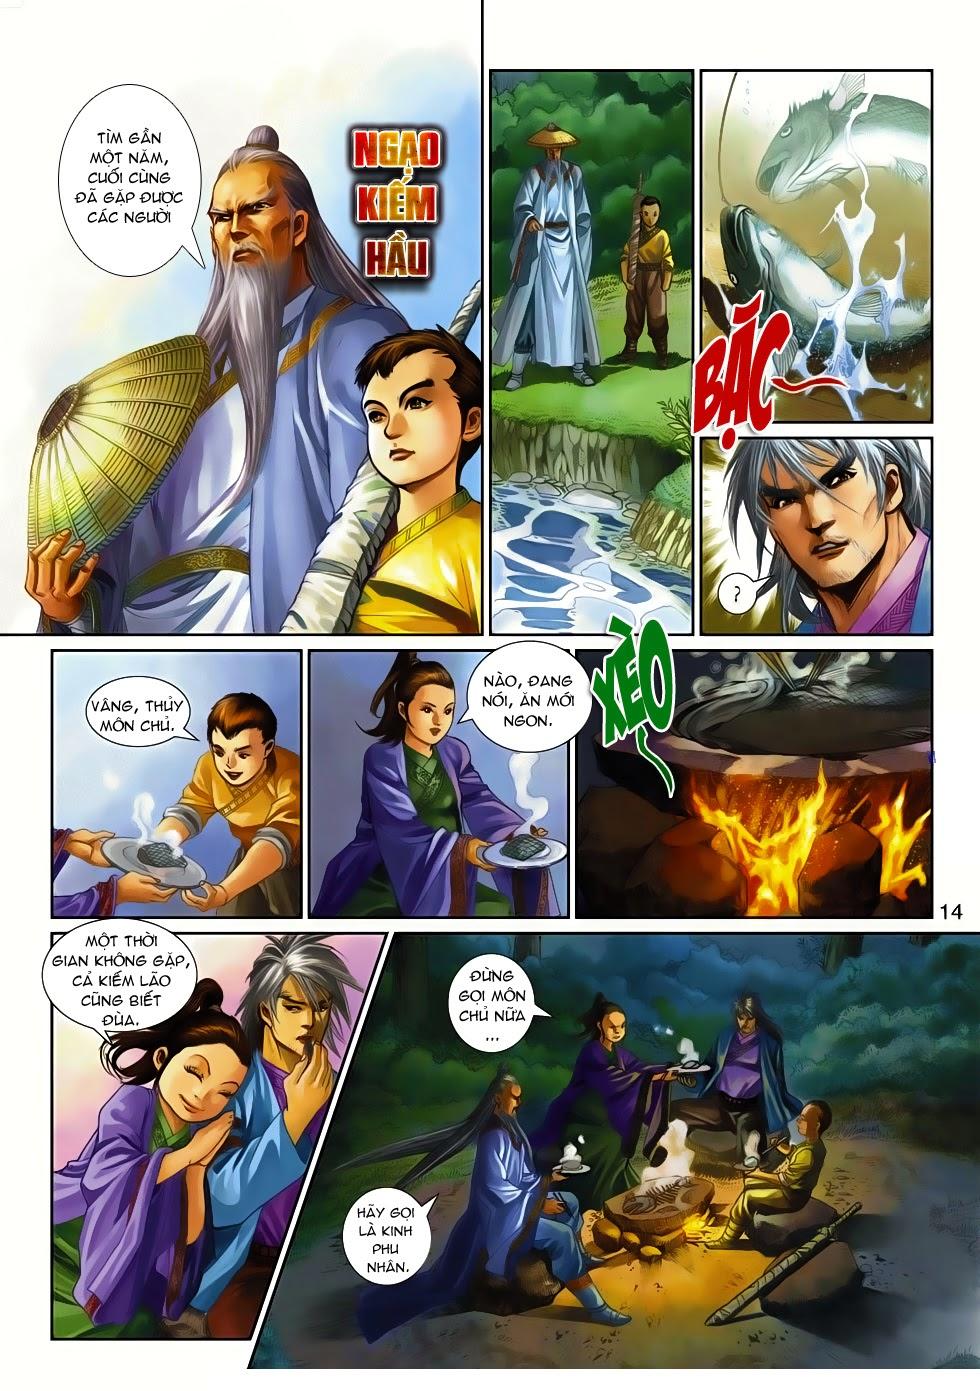 Thần Binh Tiền Truyện 4 - Huyền Thiên Tà Đế chap 14 - Trang 14